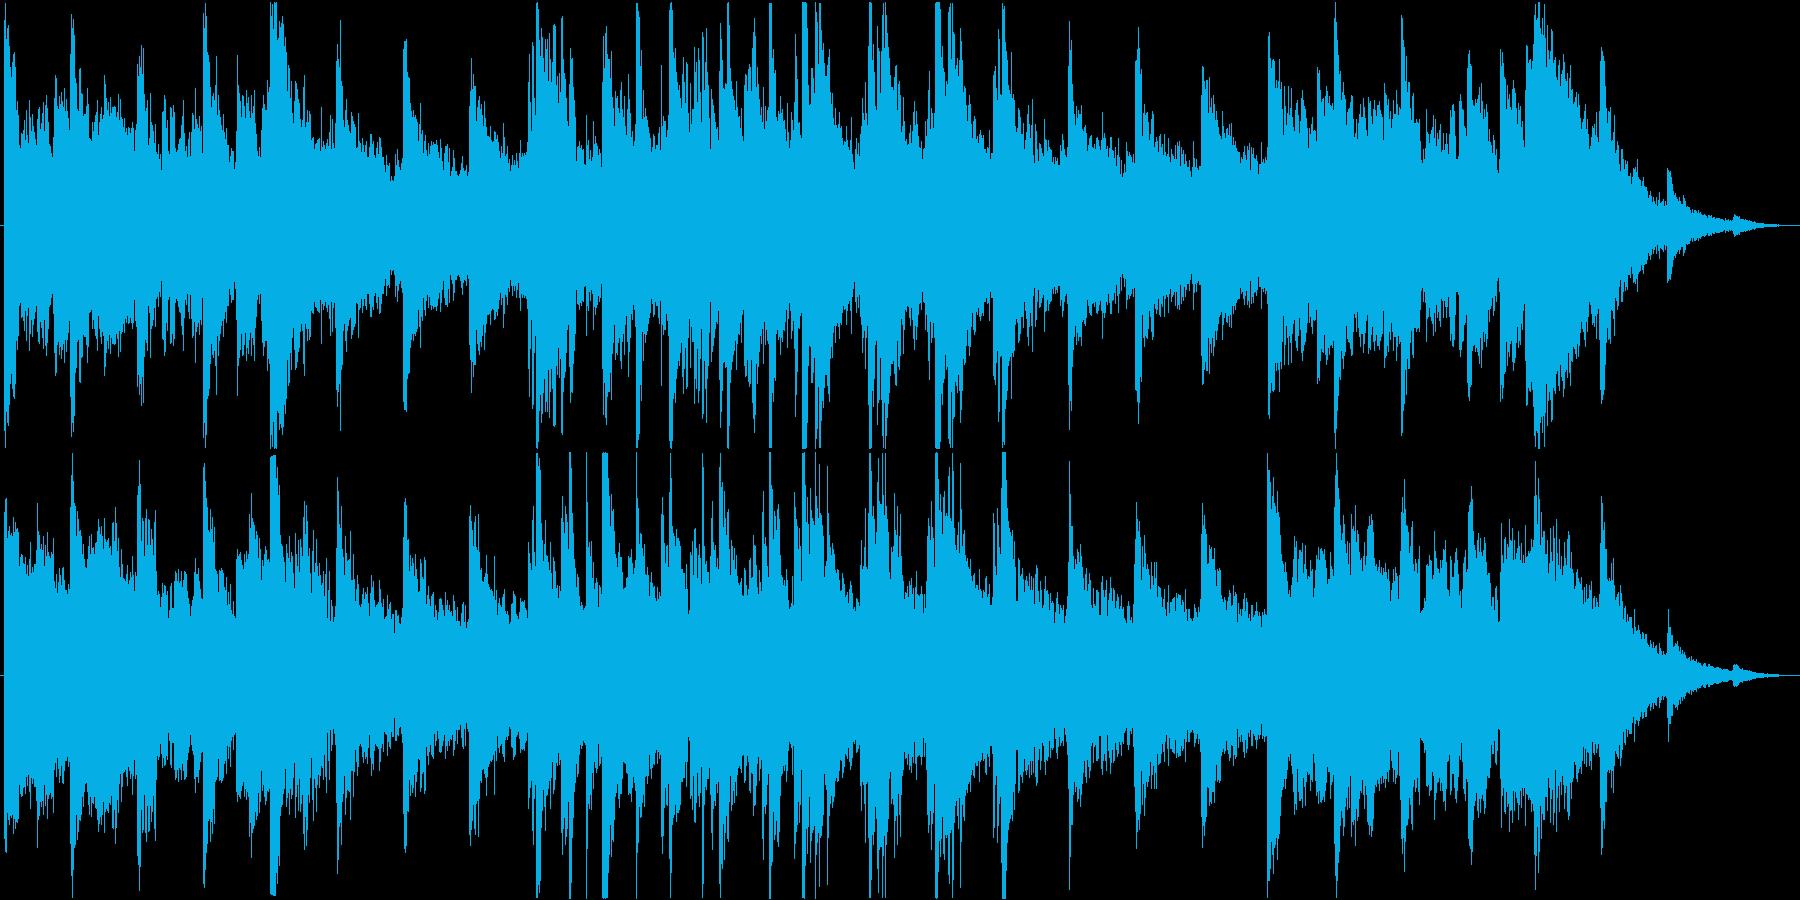 不思議・不穏で悲しげな曲の再生済みの波形